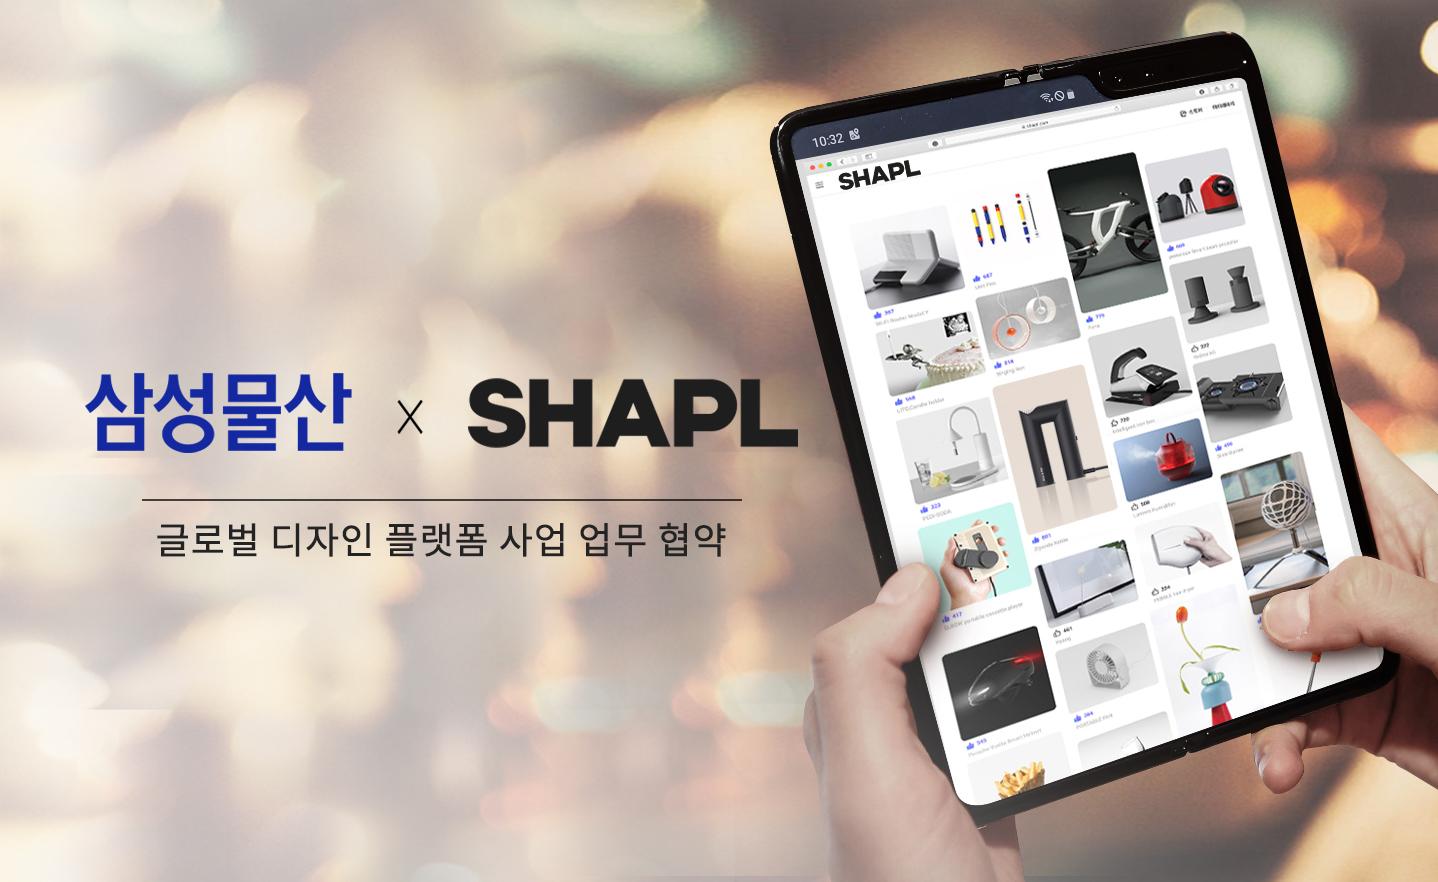 샤플-삼성물산, 글로벌 디자인 플랫폼 사업 MOU 체결